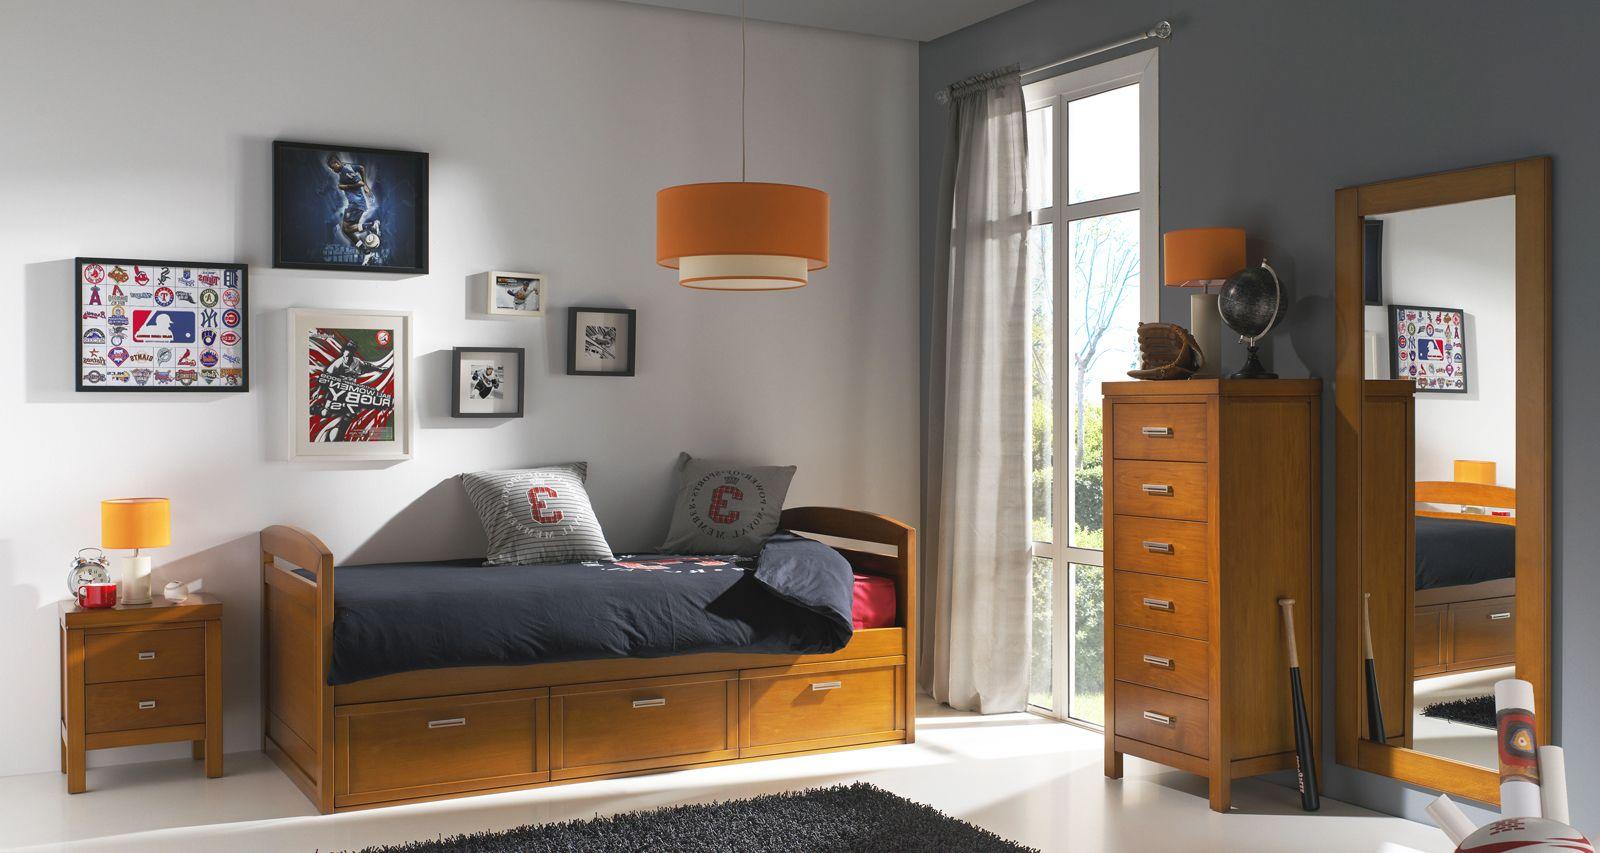 Cama nido con 1 cama y 3 cajones haya camas nido for Dormitorios juveniles de madera